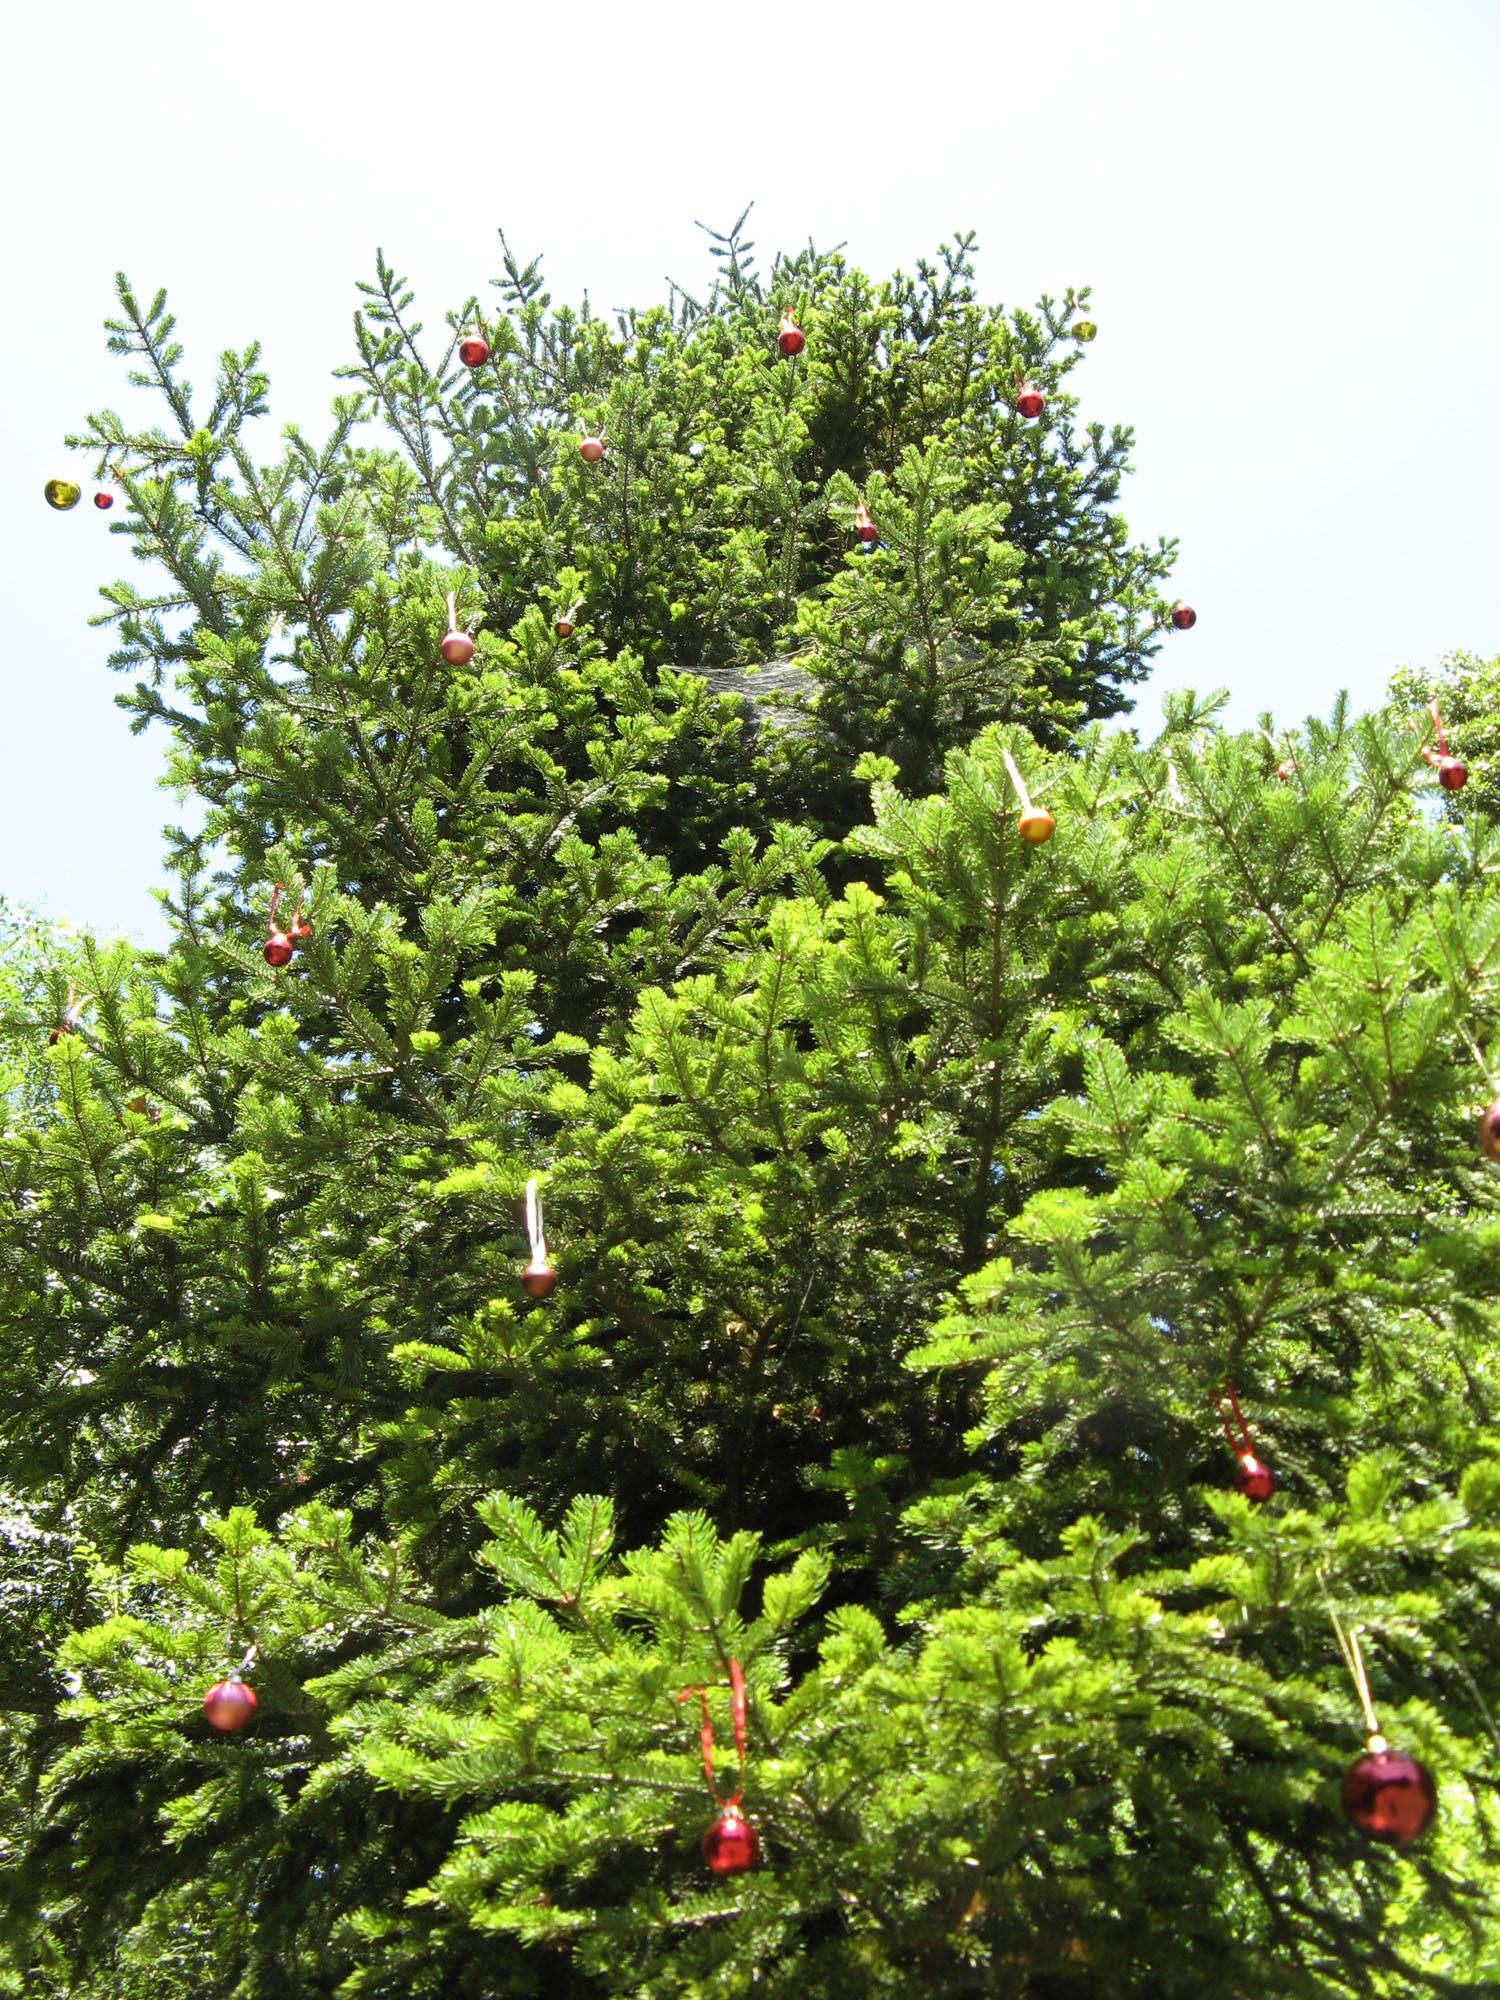 Foto Weihnachtsbaum.Weihnachtsbaum Christmas Tree Artfarm Pilastro Pilastro Di